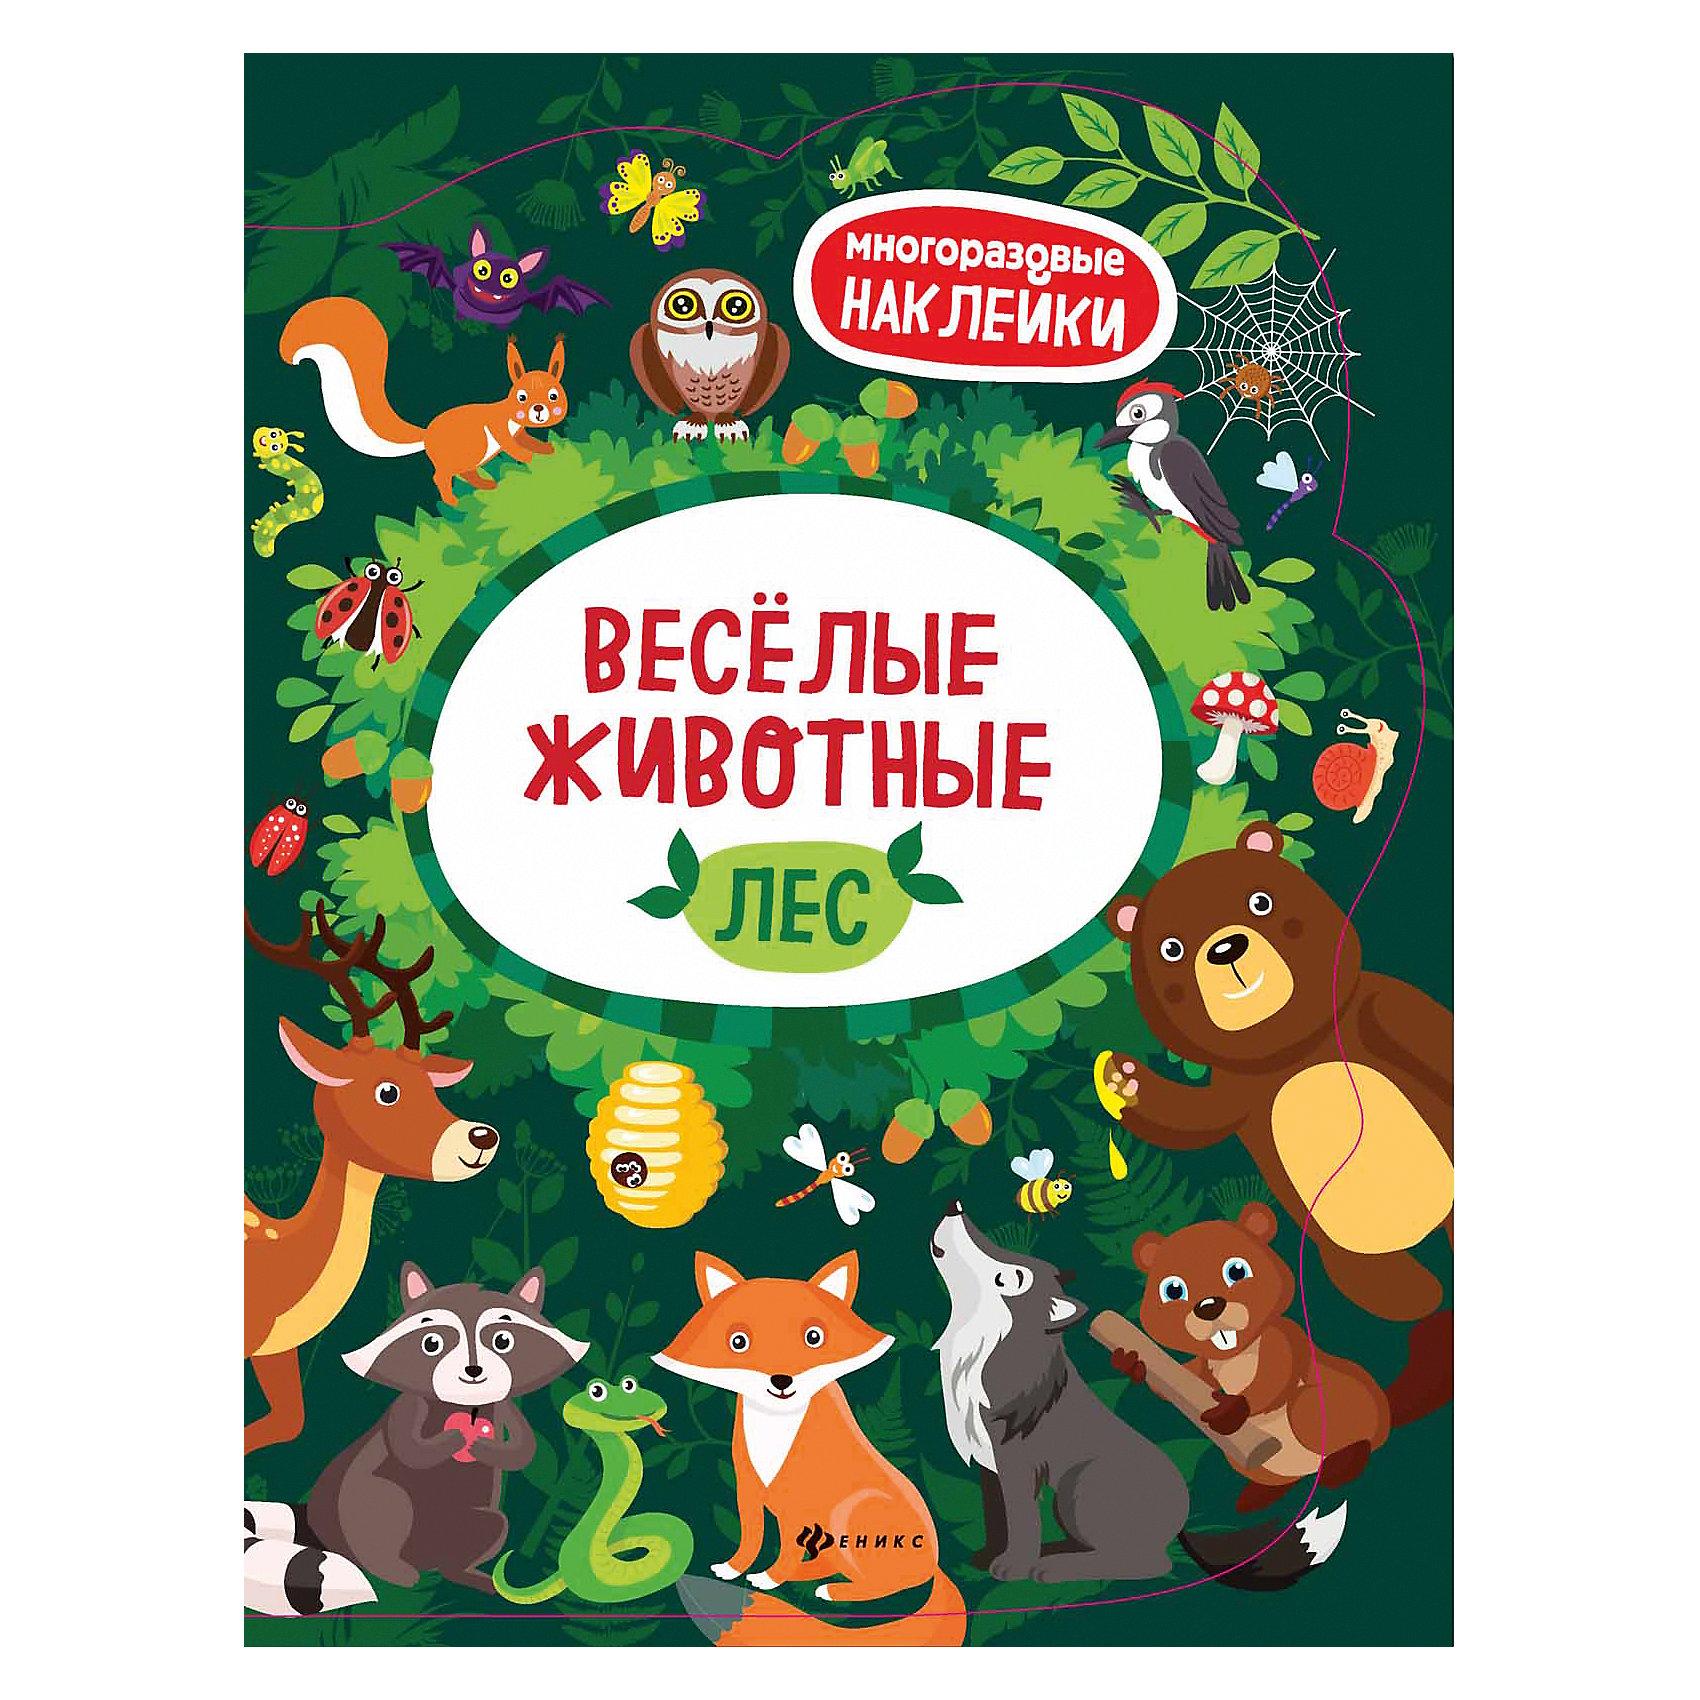 Веселые животные Лес: книжка с наклейкамиКнижки с наклейками<br>Фантазируй, приклеивай животных и сочиняй истории<br>Дополни картинки, используя красочные наклейки, которые ты найдёшь внутри книги. Наклейки с изображениями забавных животных помогут тебе создать<br>чудесную историю в картинках на каждой странице.<br>Украшать книгу наклейками - занятие не только интересное, но и полезное, так как<br>• способствует развитию воображения, мелкой моторики;<br>• позволяет лучше угнать окружающий мир;<br>• положительно влияет на речевое и интеллектуальное развитие;<br>• учит находить ипринимать решения.<br><br>Ширина мм: 256<br>Глубина мм: 200<br>Высота мм: 10<br>Вес г: 40<br>Возраст от месяцев: 48<br>Возраст до месяцев: 72<br>Пол: Унисекс<br>Возраст: Детский<br>SKU: 7127608